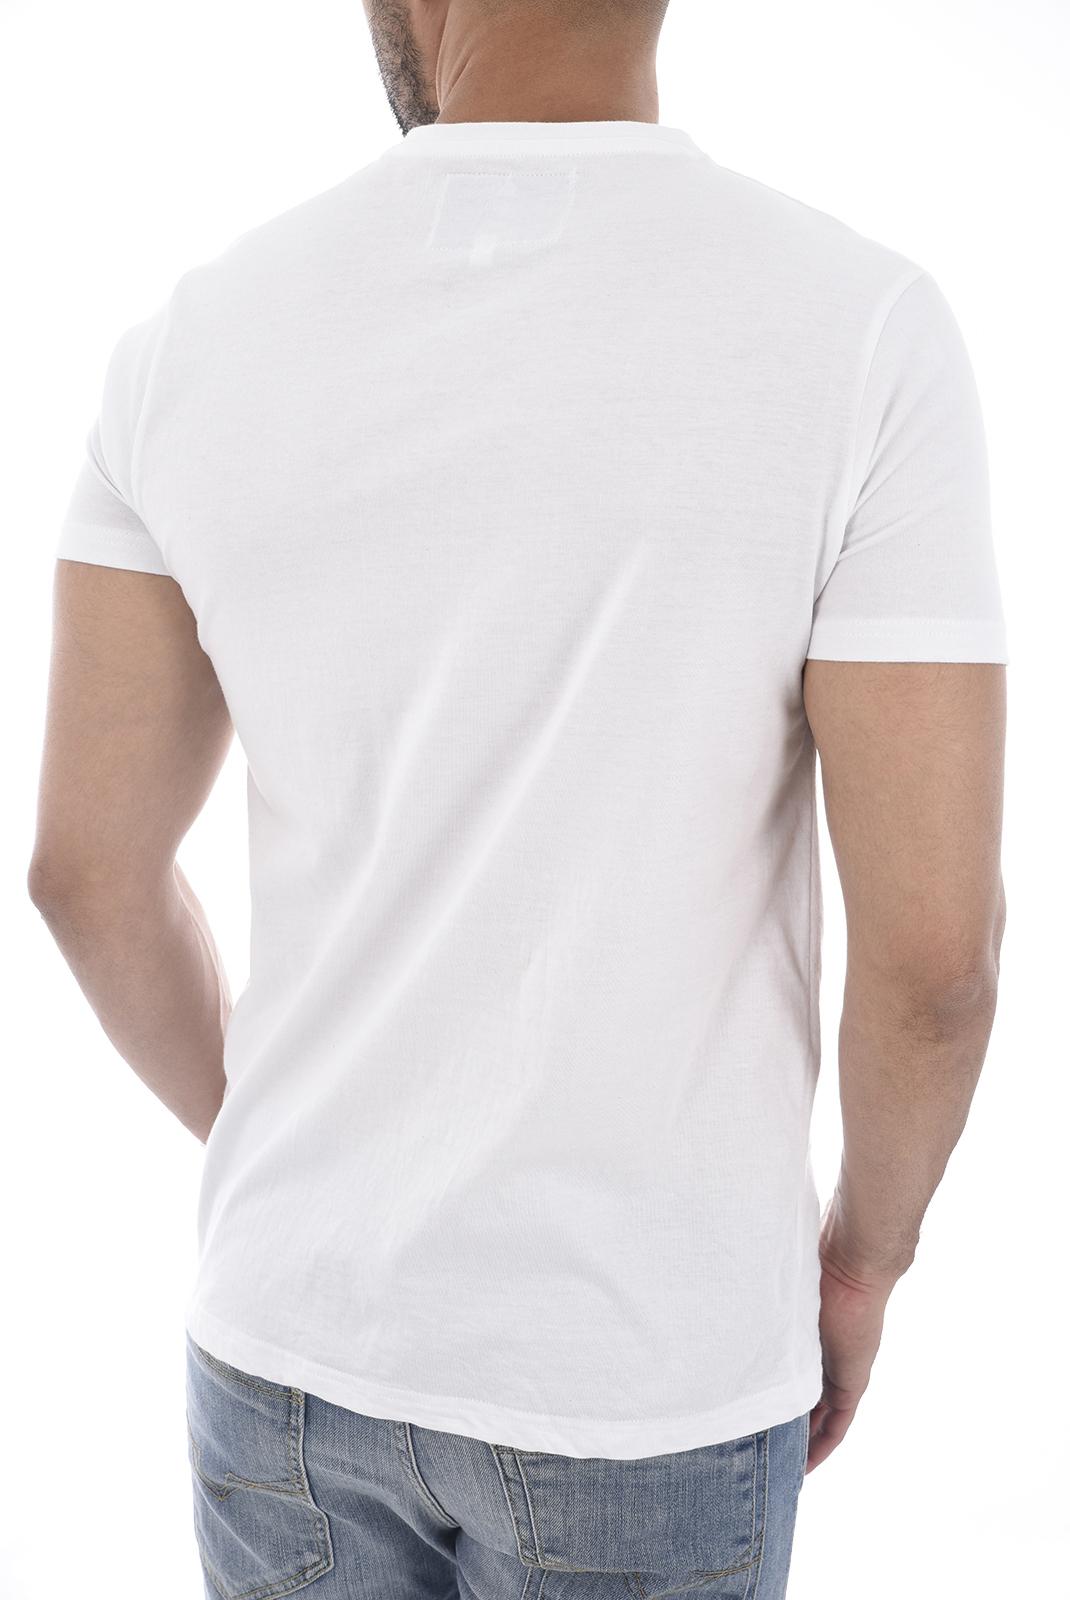 Tee-shirts  Hite couture MERIVER BLANC